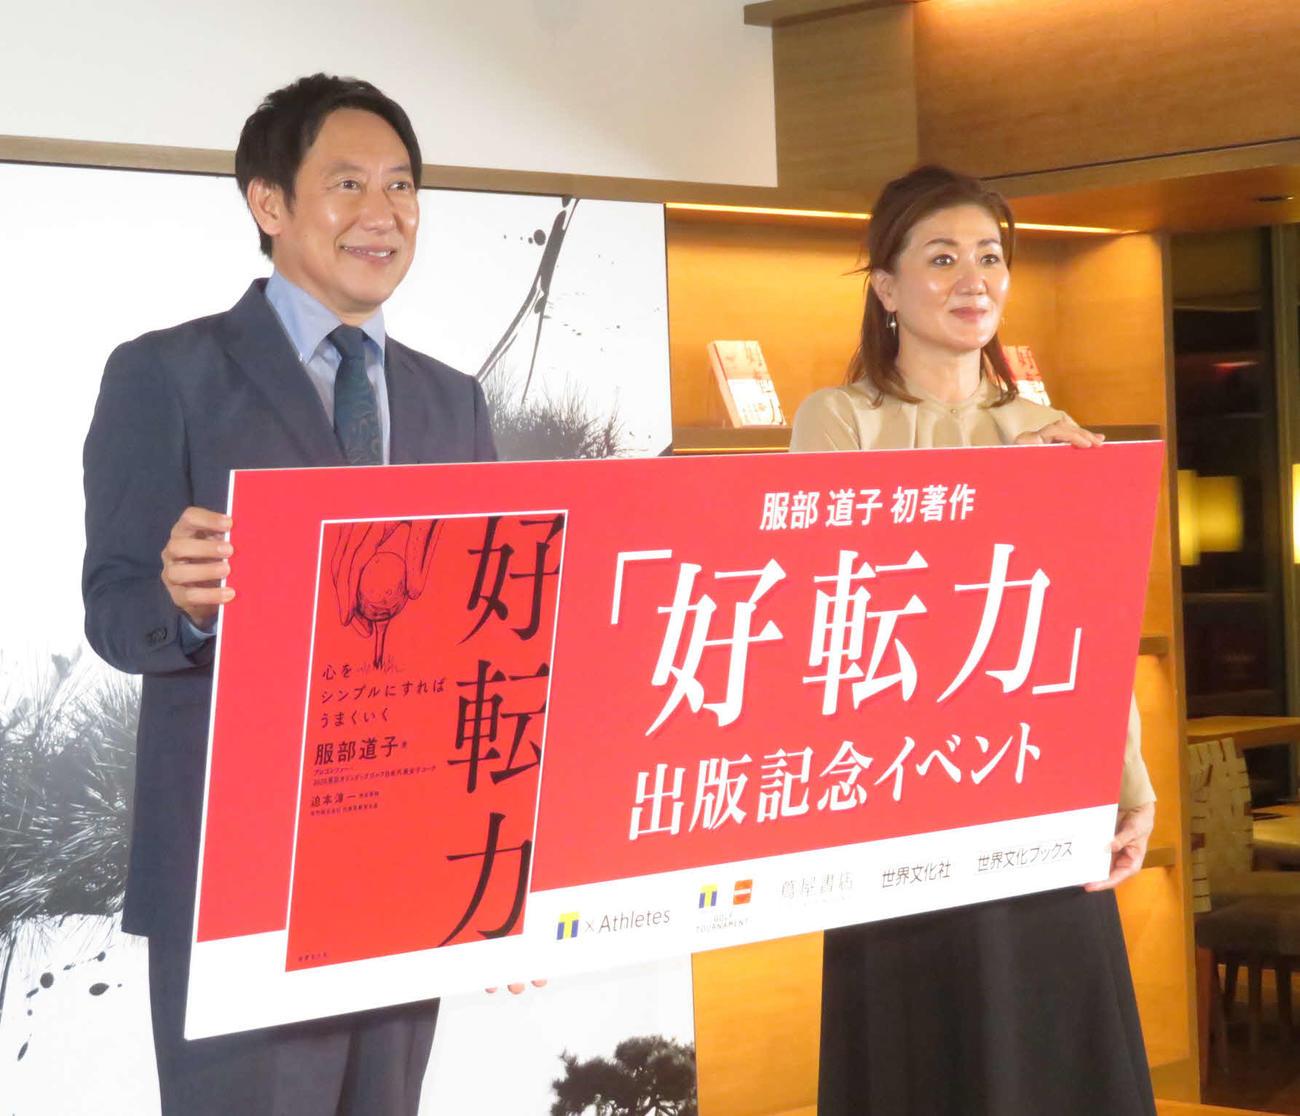 著書「好転力」の出版イベントに臨んだ服部道子氏(右)と、同席した鈴木大地氏